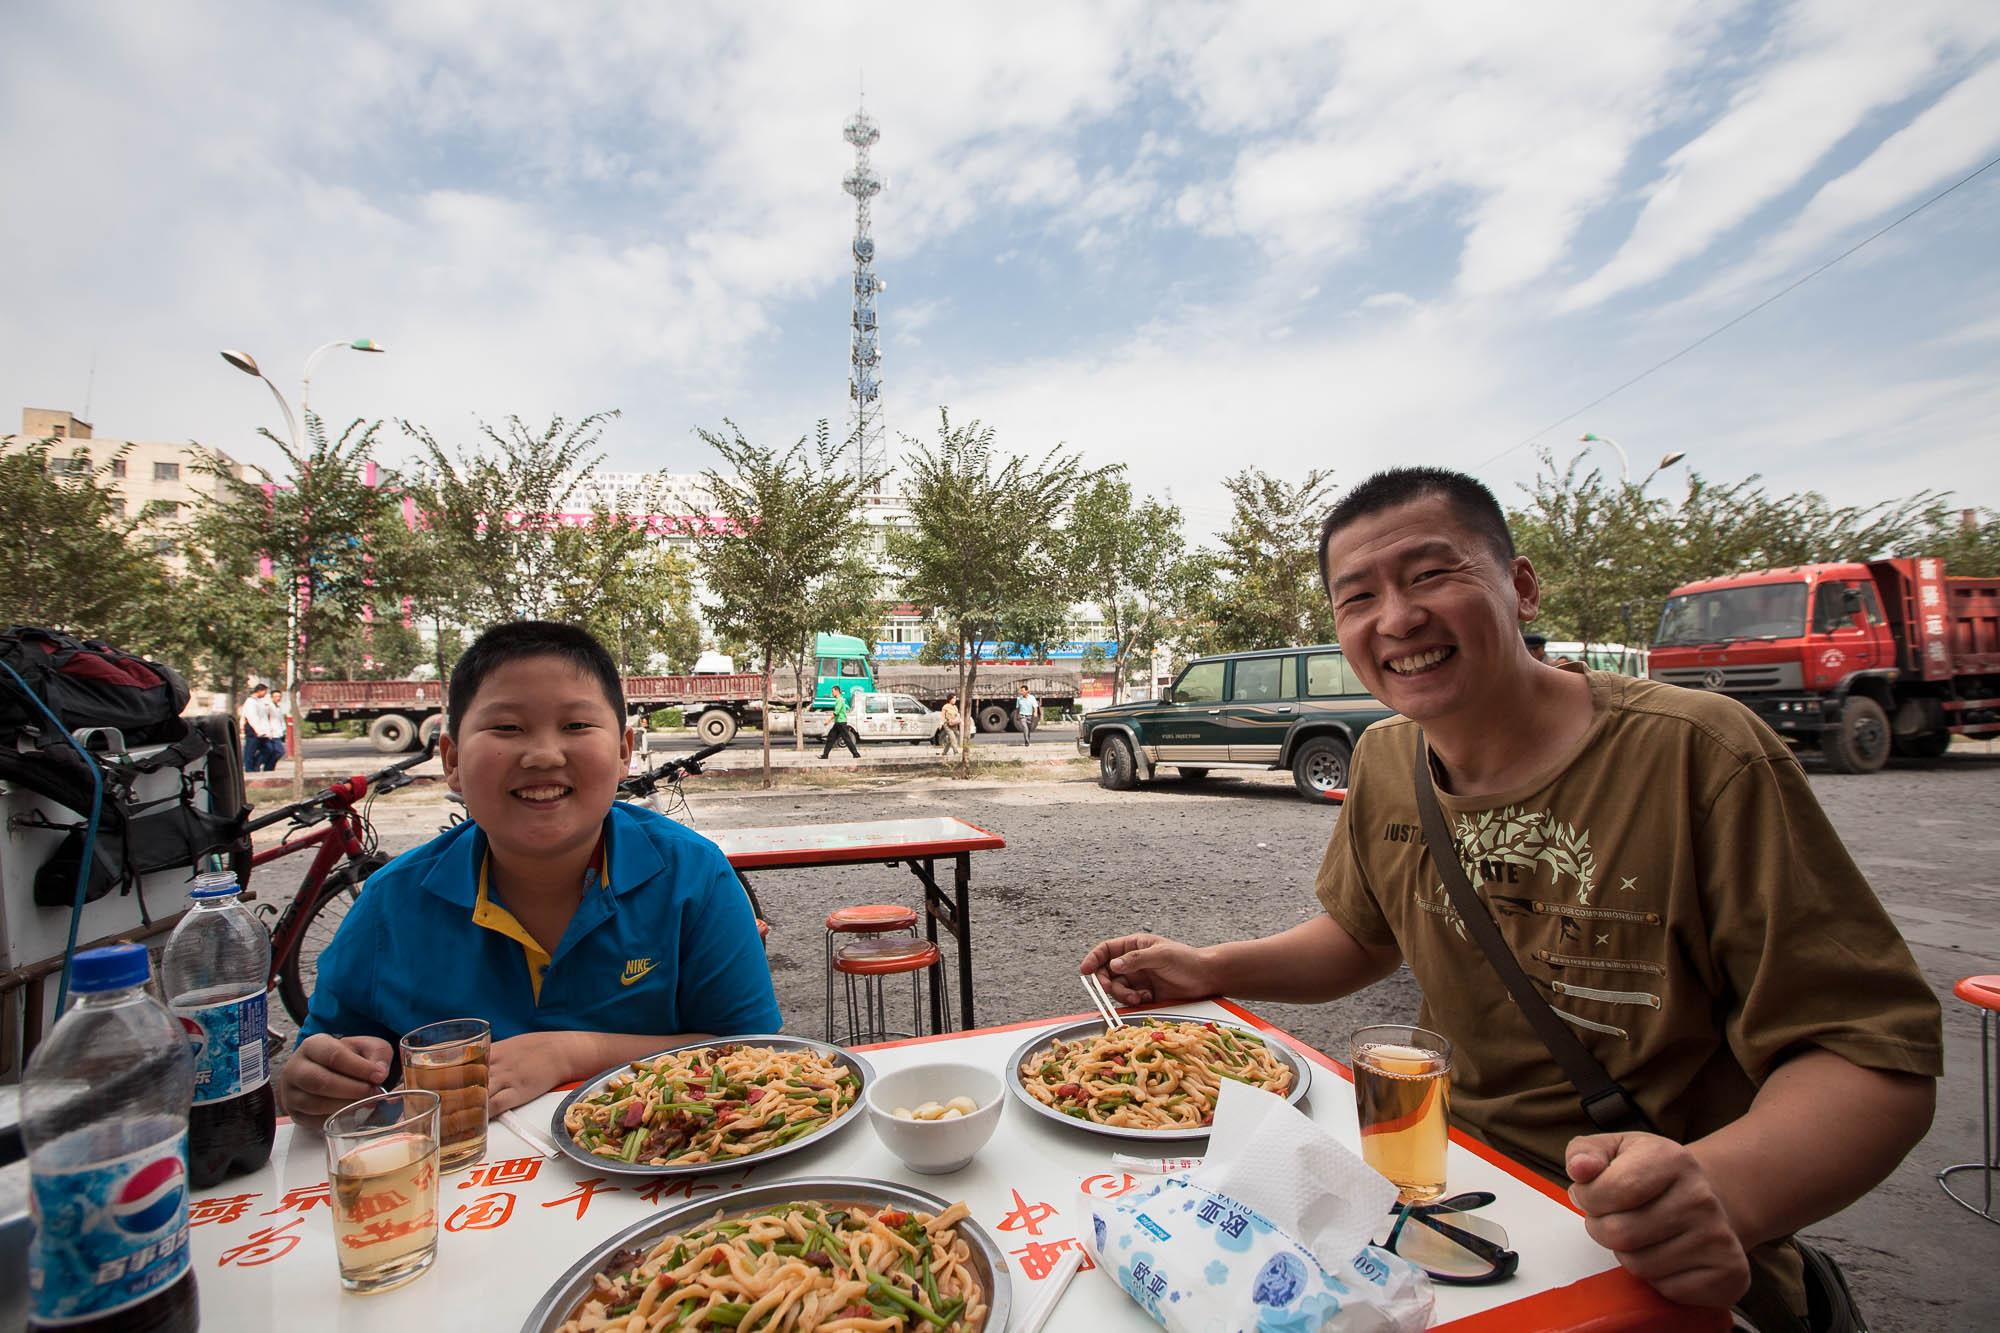 Zhu Hui and Zong Zheng